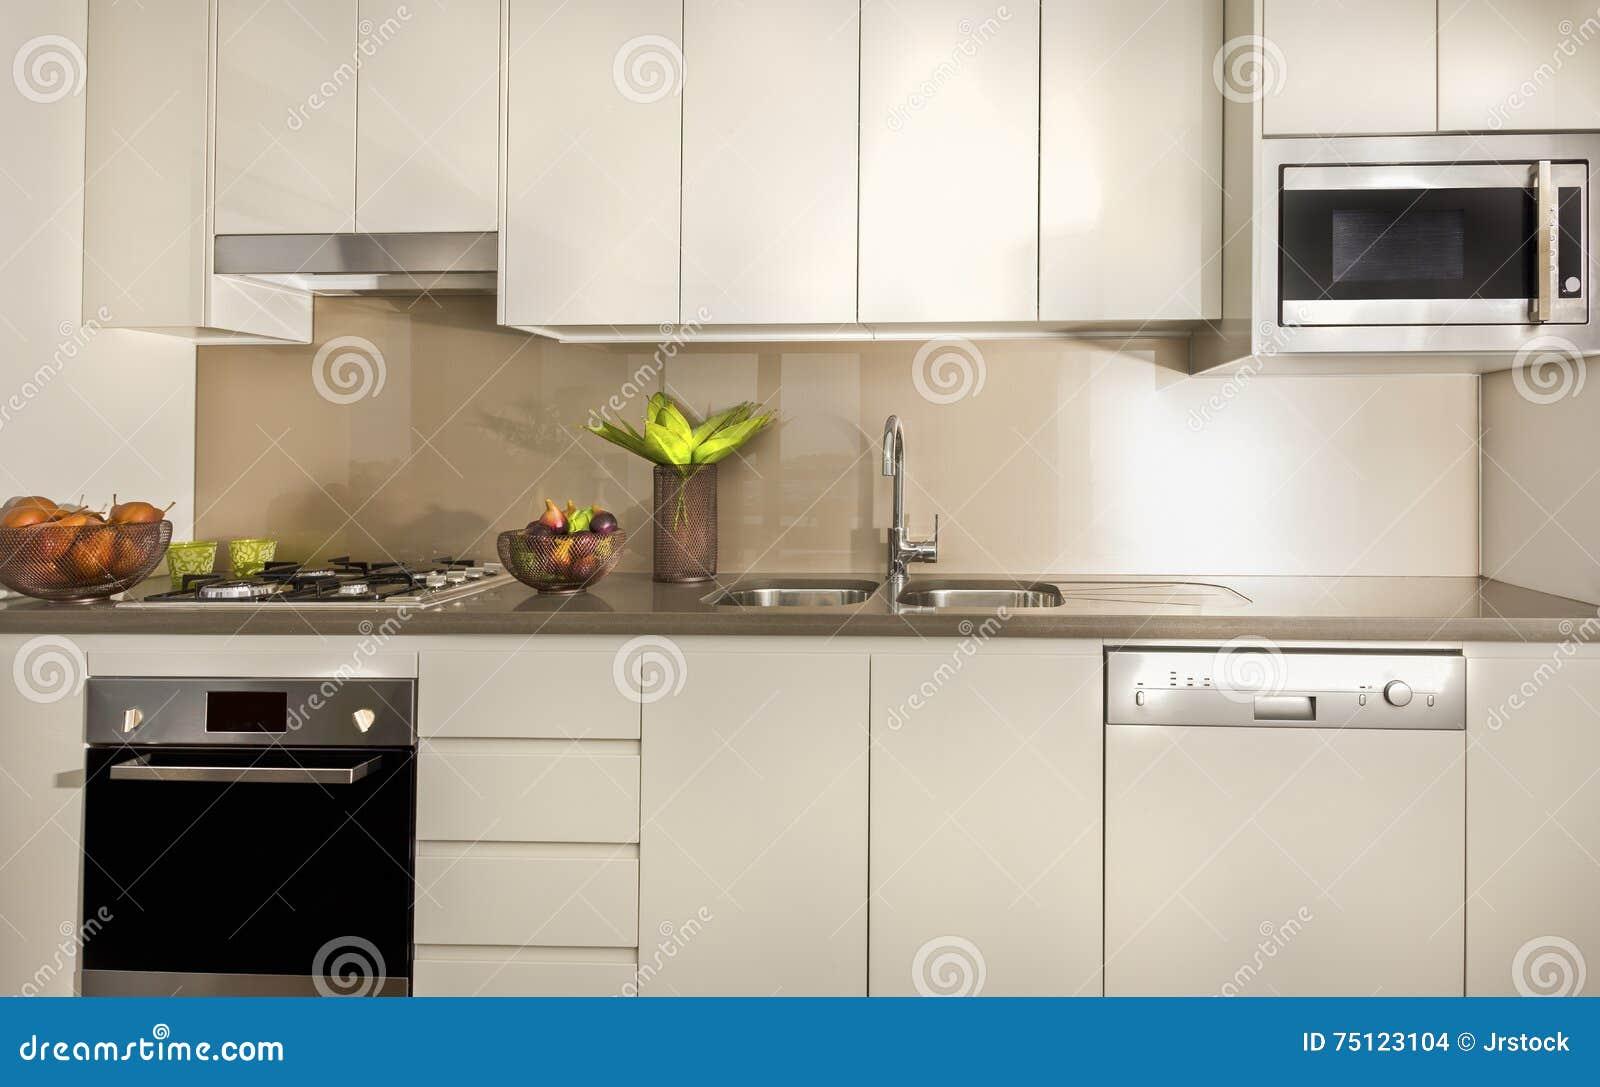 Cozinha Moderna Com Arm Rios Da Despensa E Parte Superior Contr Ria